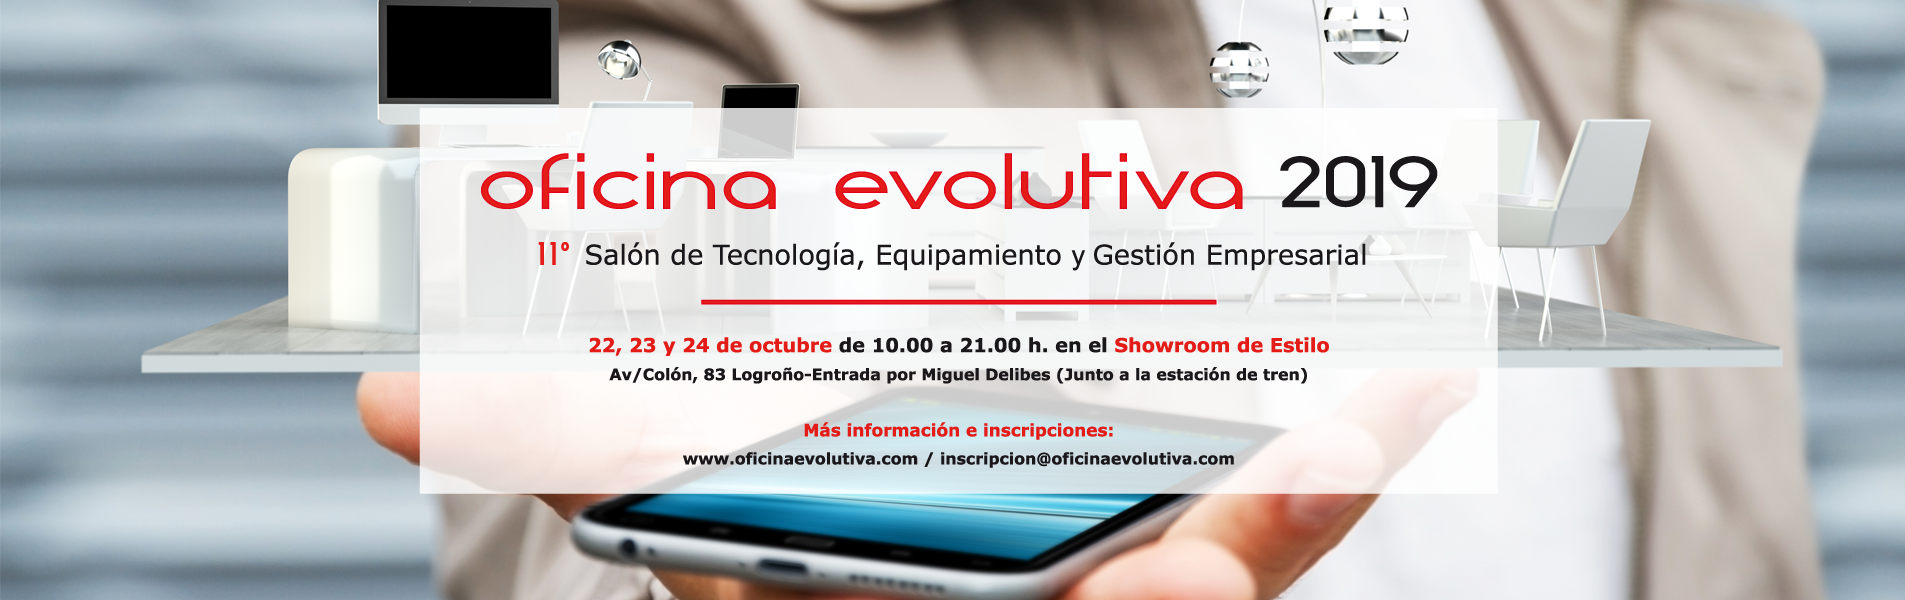 OFICINA EVOLUTIVA 2019